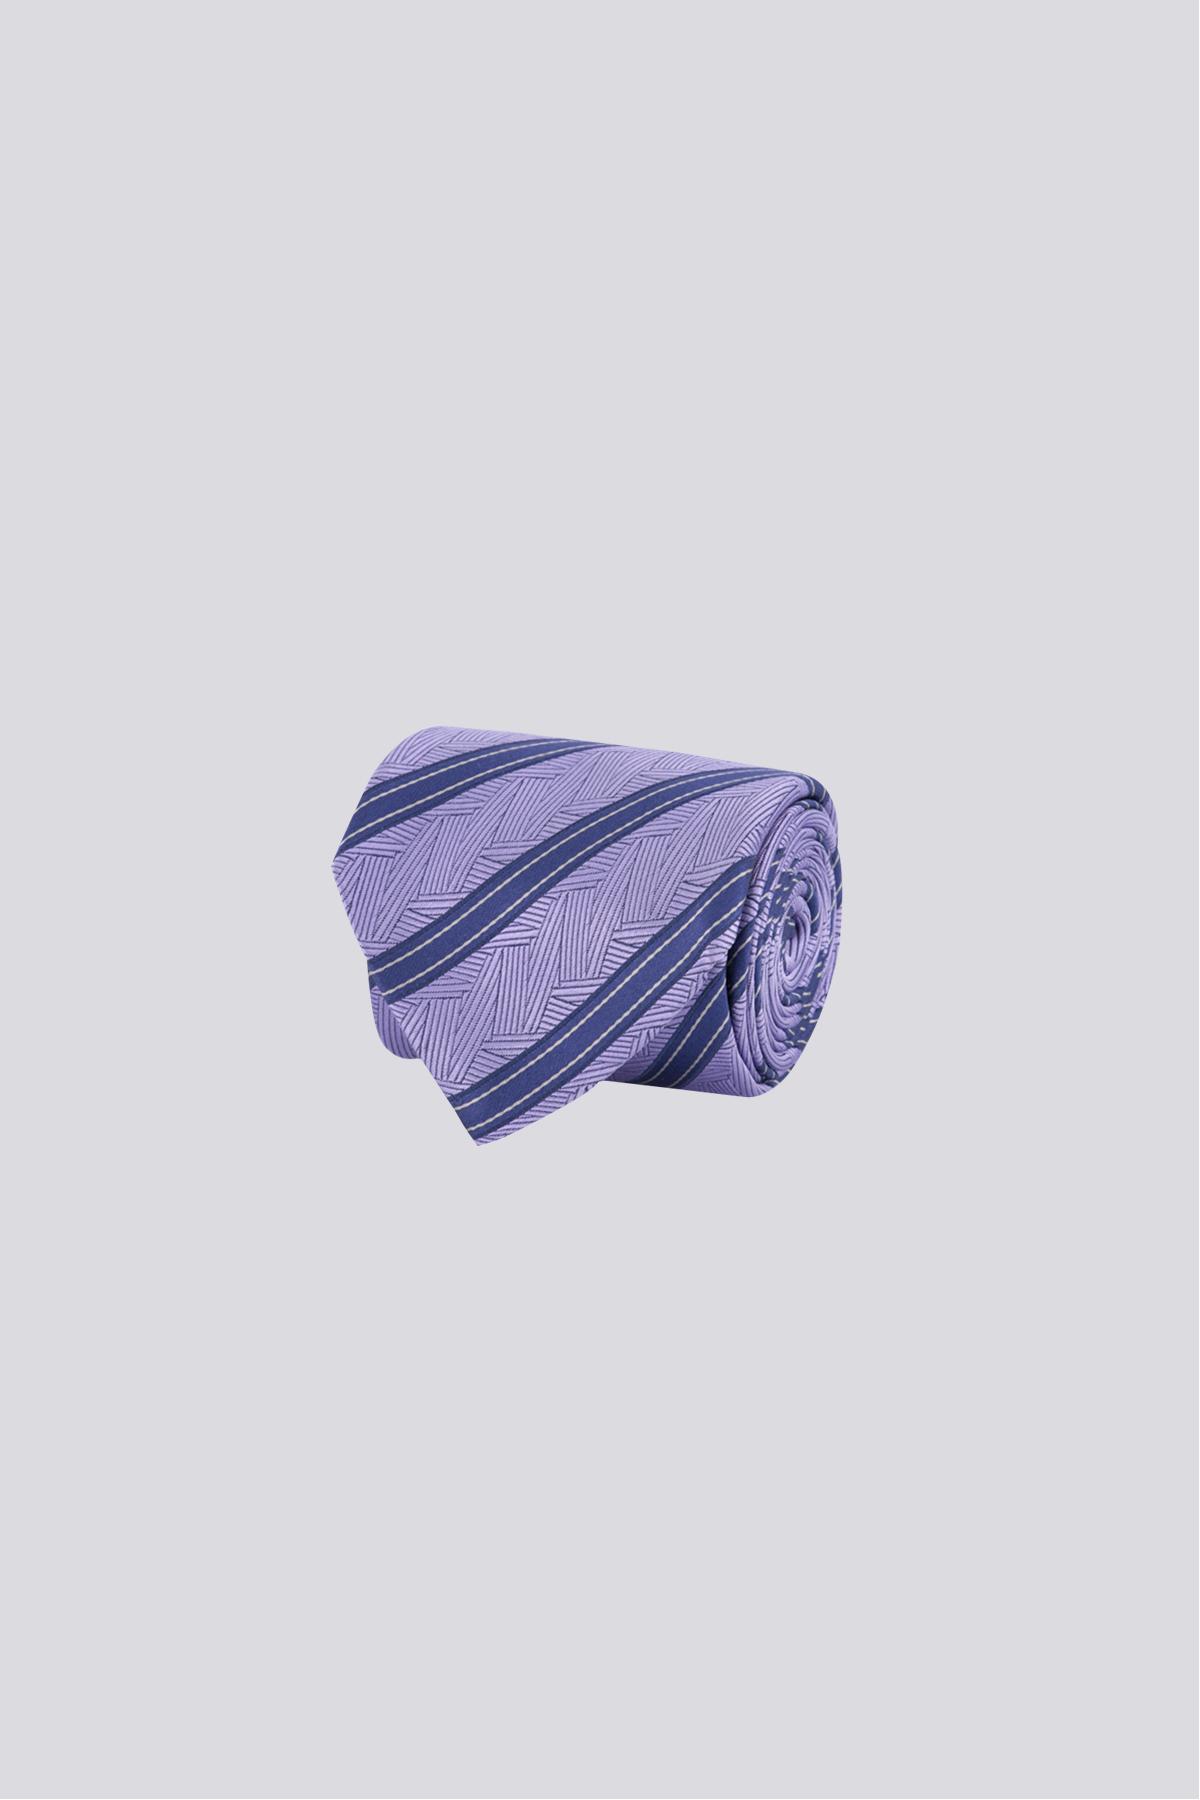 Corbata de seda marca CANALI Morada con rayas diagonales